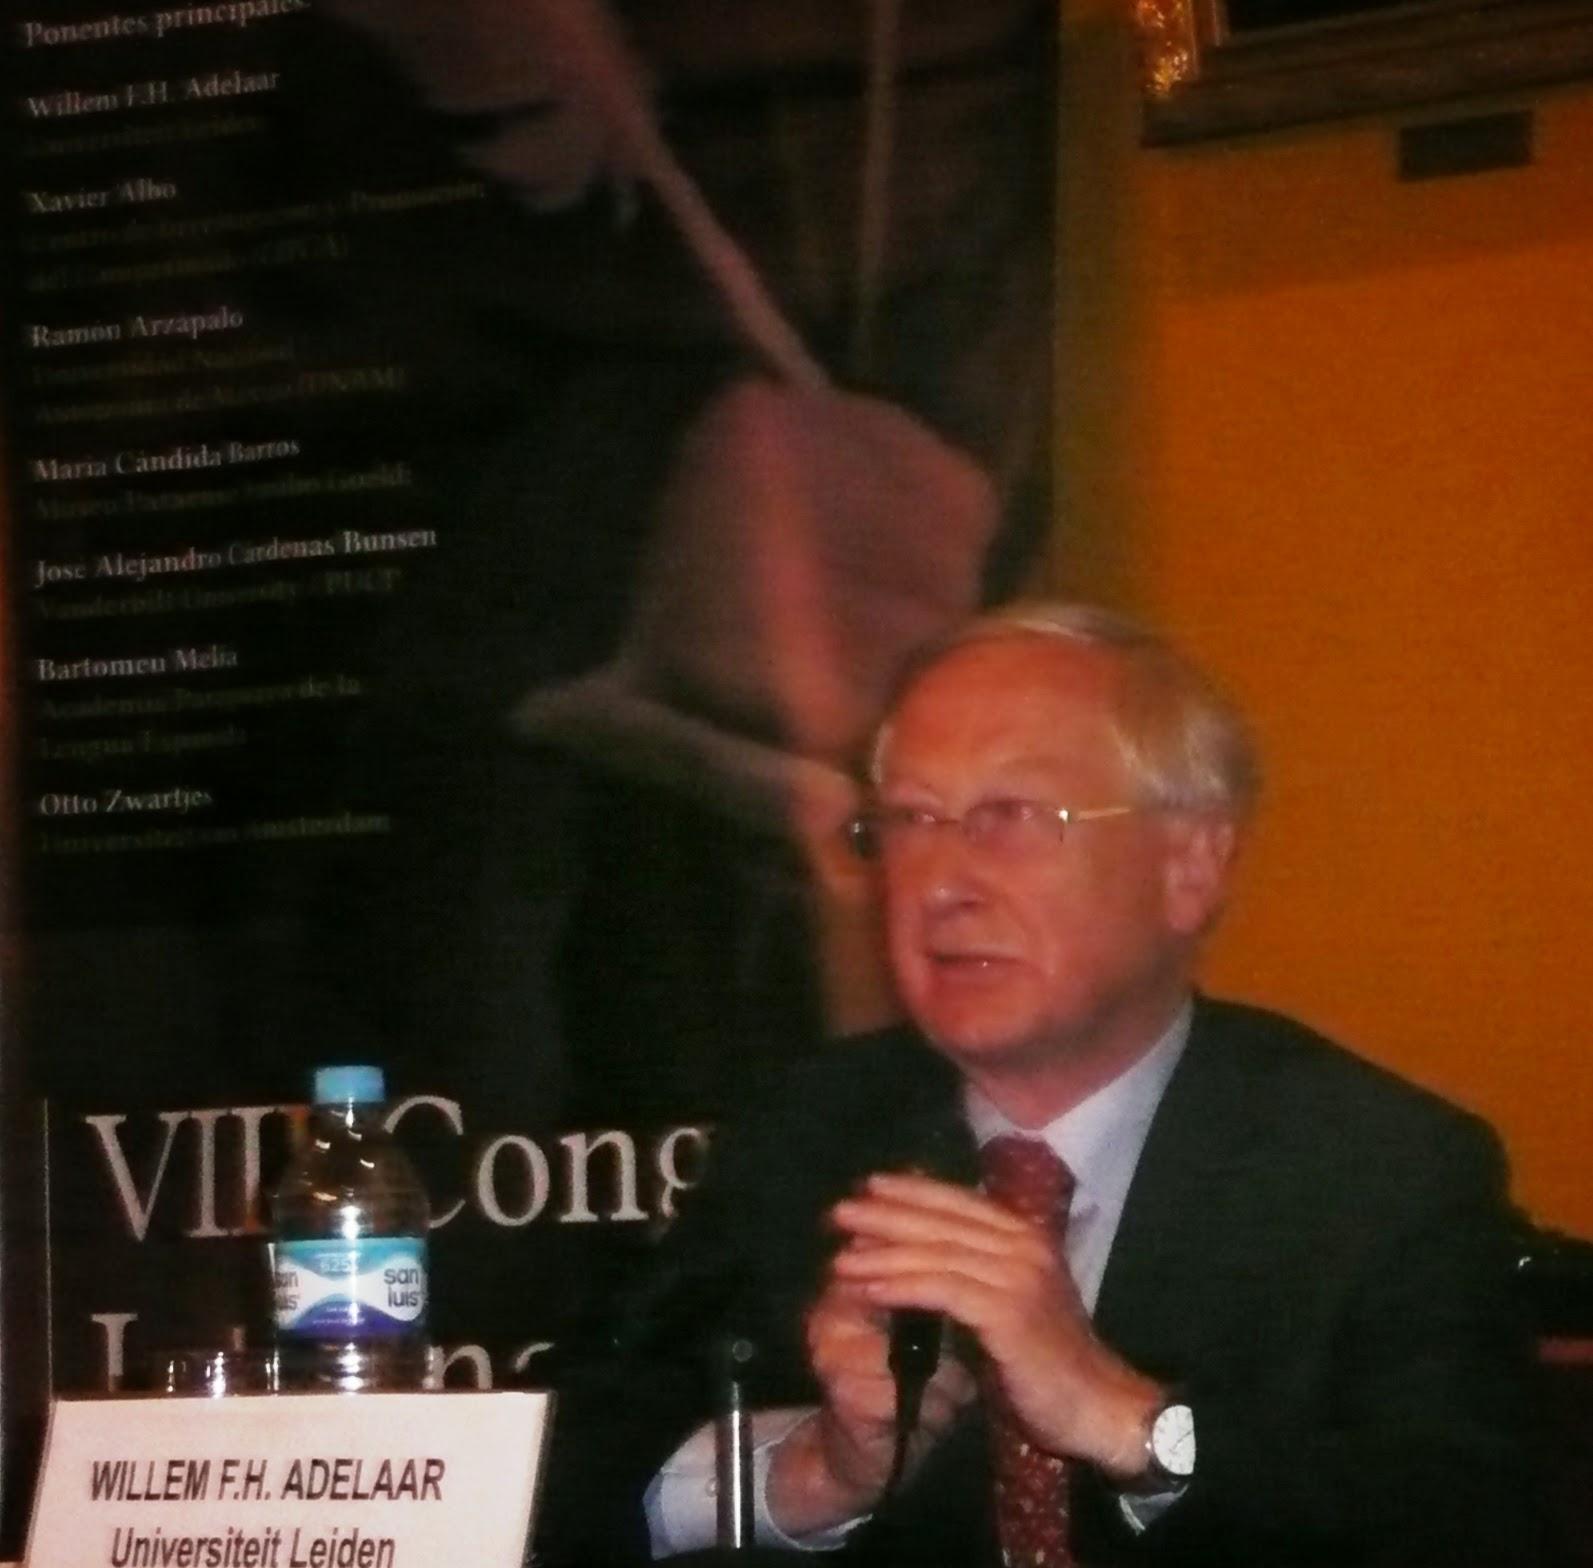 José Antonio Benito: Dr. Willem F.H. Adelaar, de la Universidad de ...